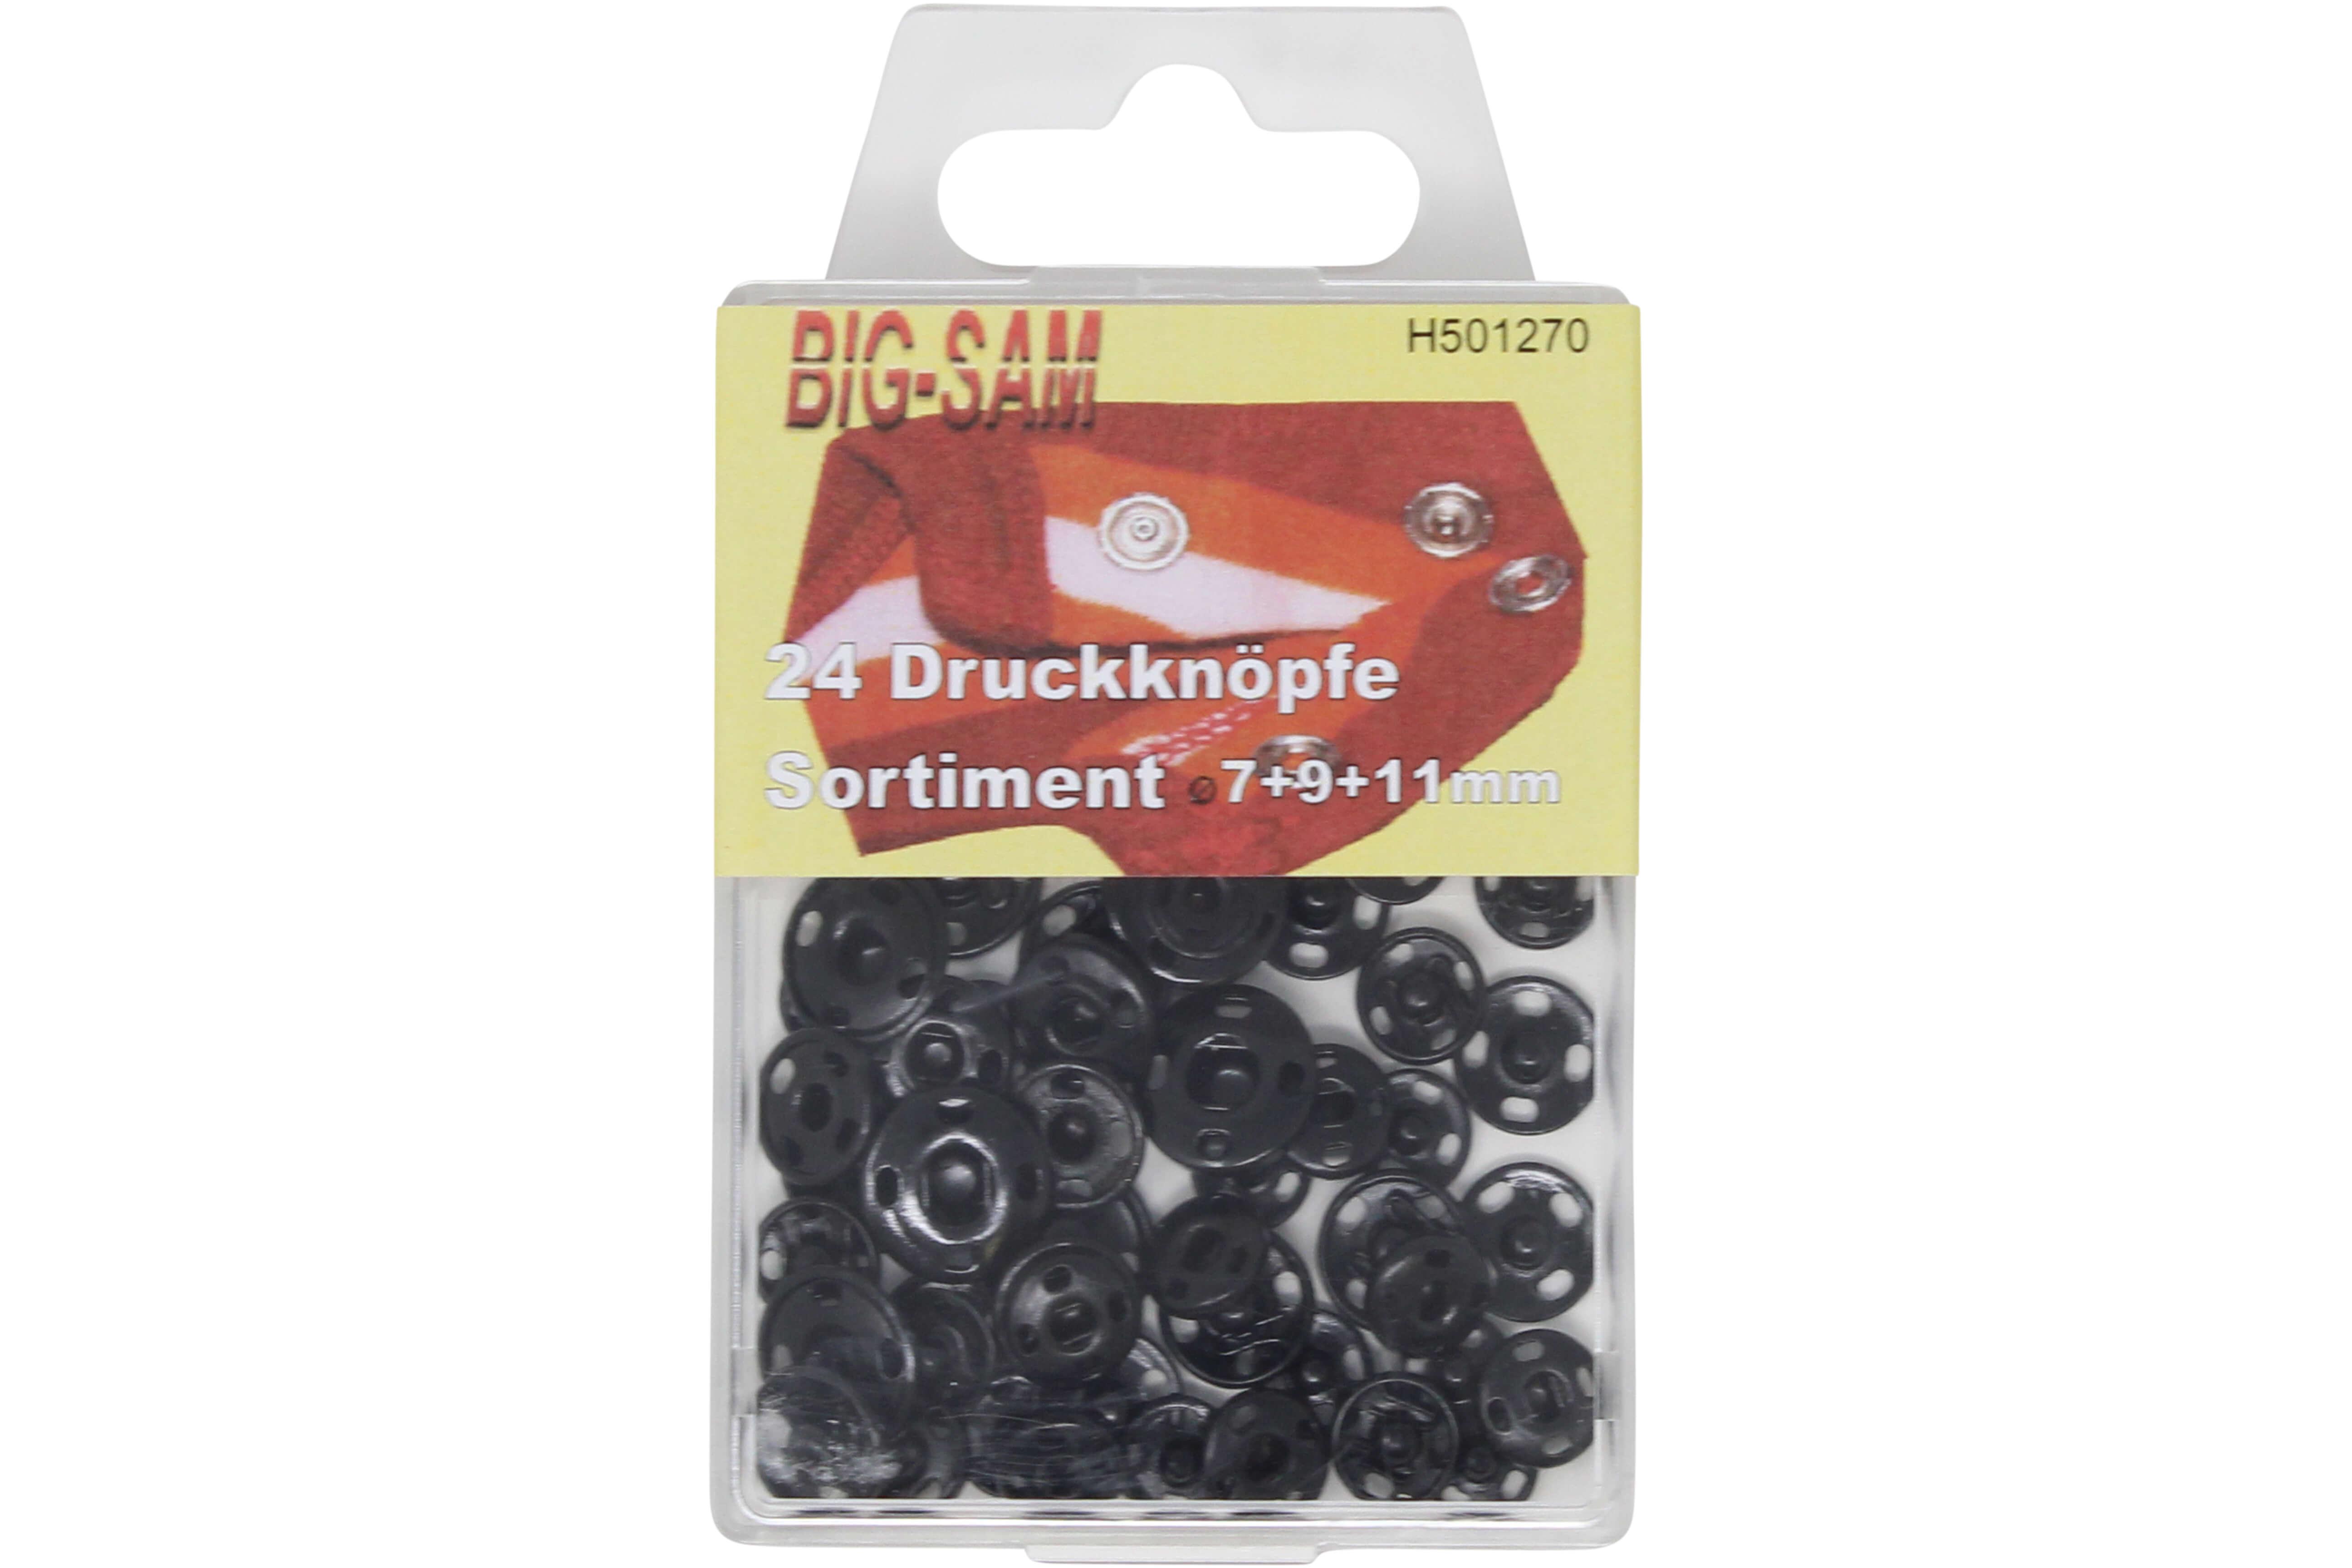 24 Druckknöpfe Sortiment - 7, 9 und 11 mm - aus Messing in Schwarz